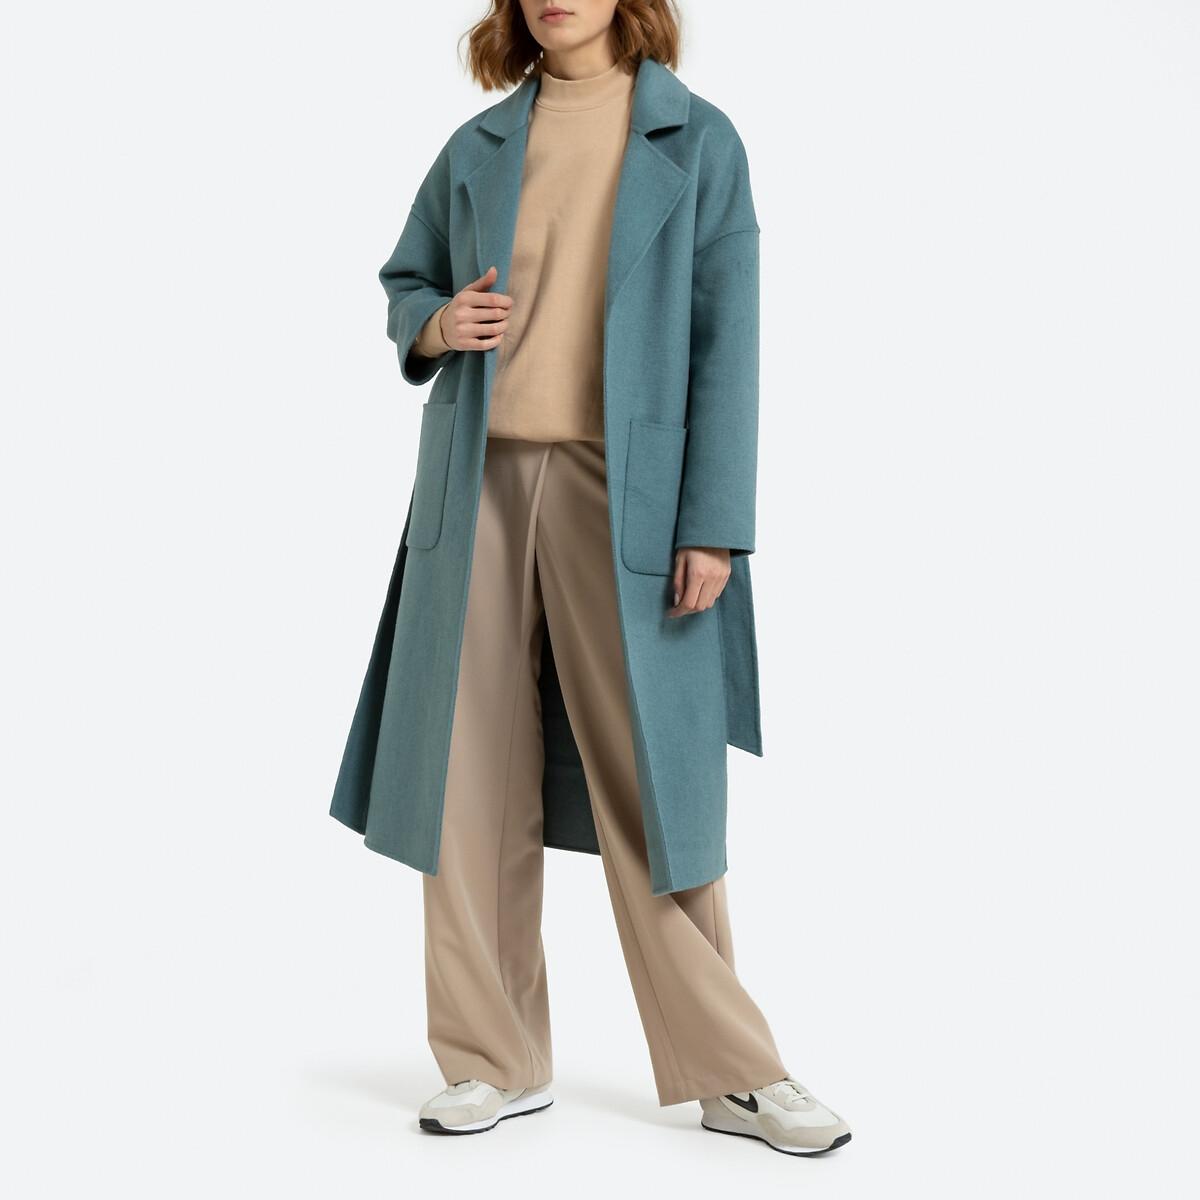 Manteau ample forme peignoir fait main